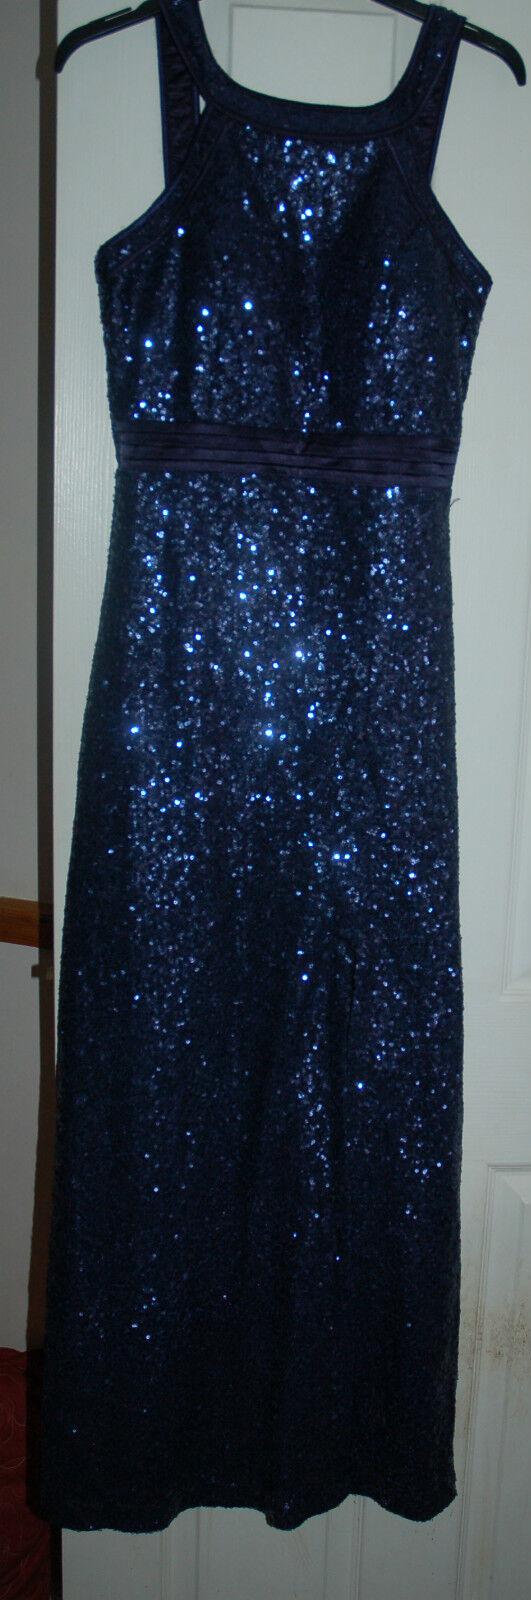 NEW Sz 8 Midnight Blau Sequin Maxi Party Dress Kick Pleat Satin cummerbund